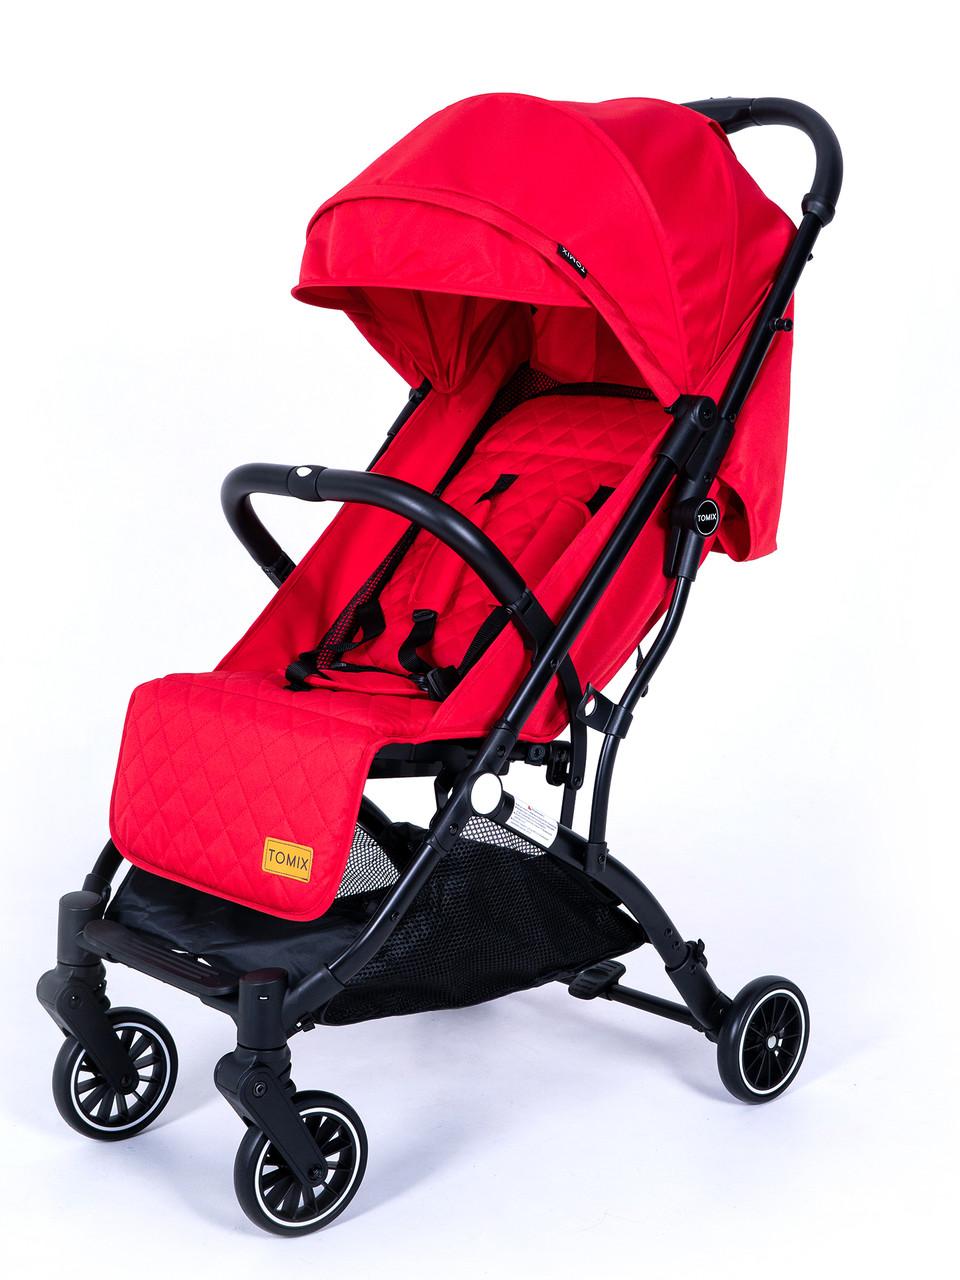 Детская прогулочная Коляска Tomix Luna Цвет красный, трансформируется в чемоданчик